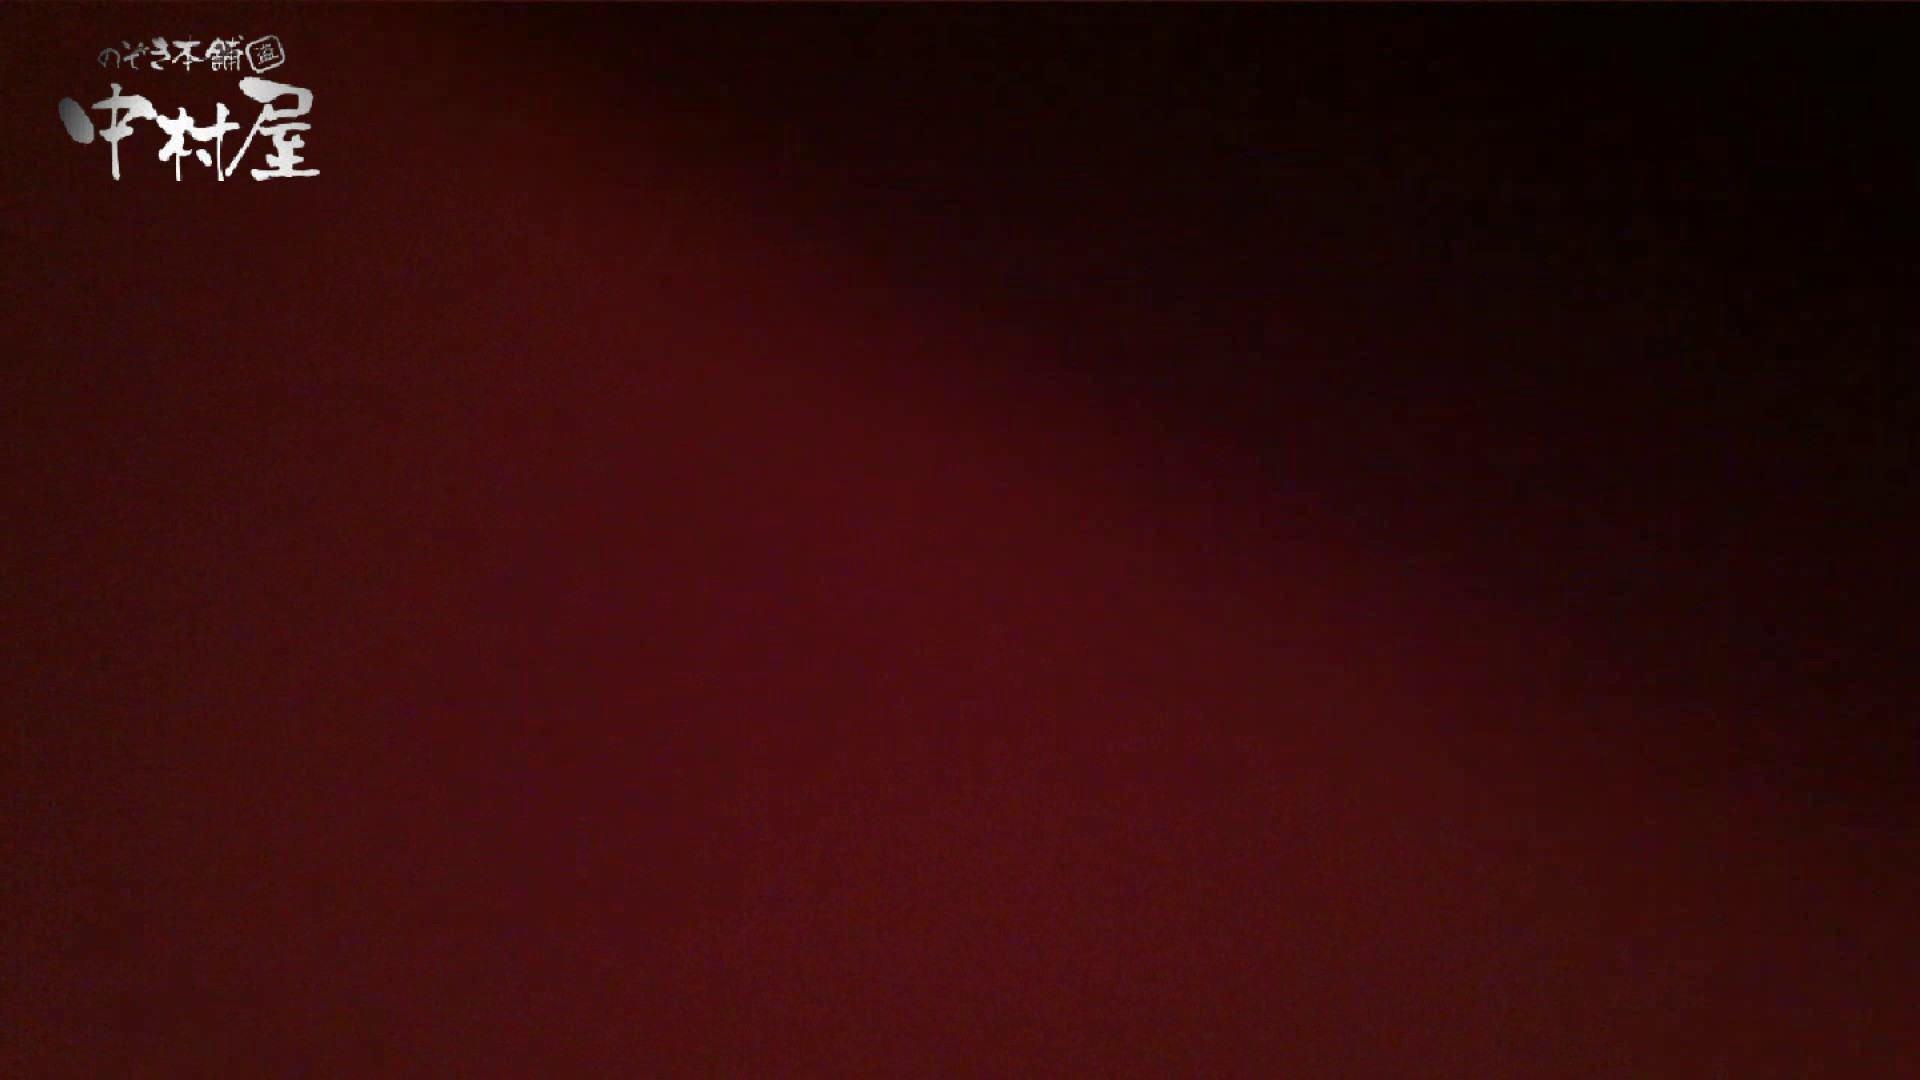 vol.46 可愛いカリスマ店員胸チラ&パンチラ モリマン! チラ歓迎 おまんこ動画流出 79pic 18